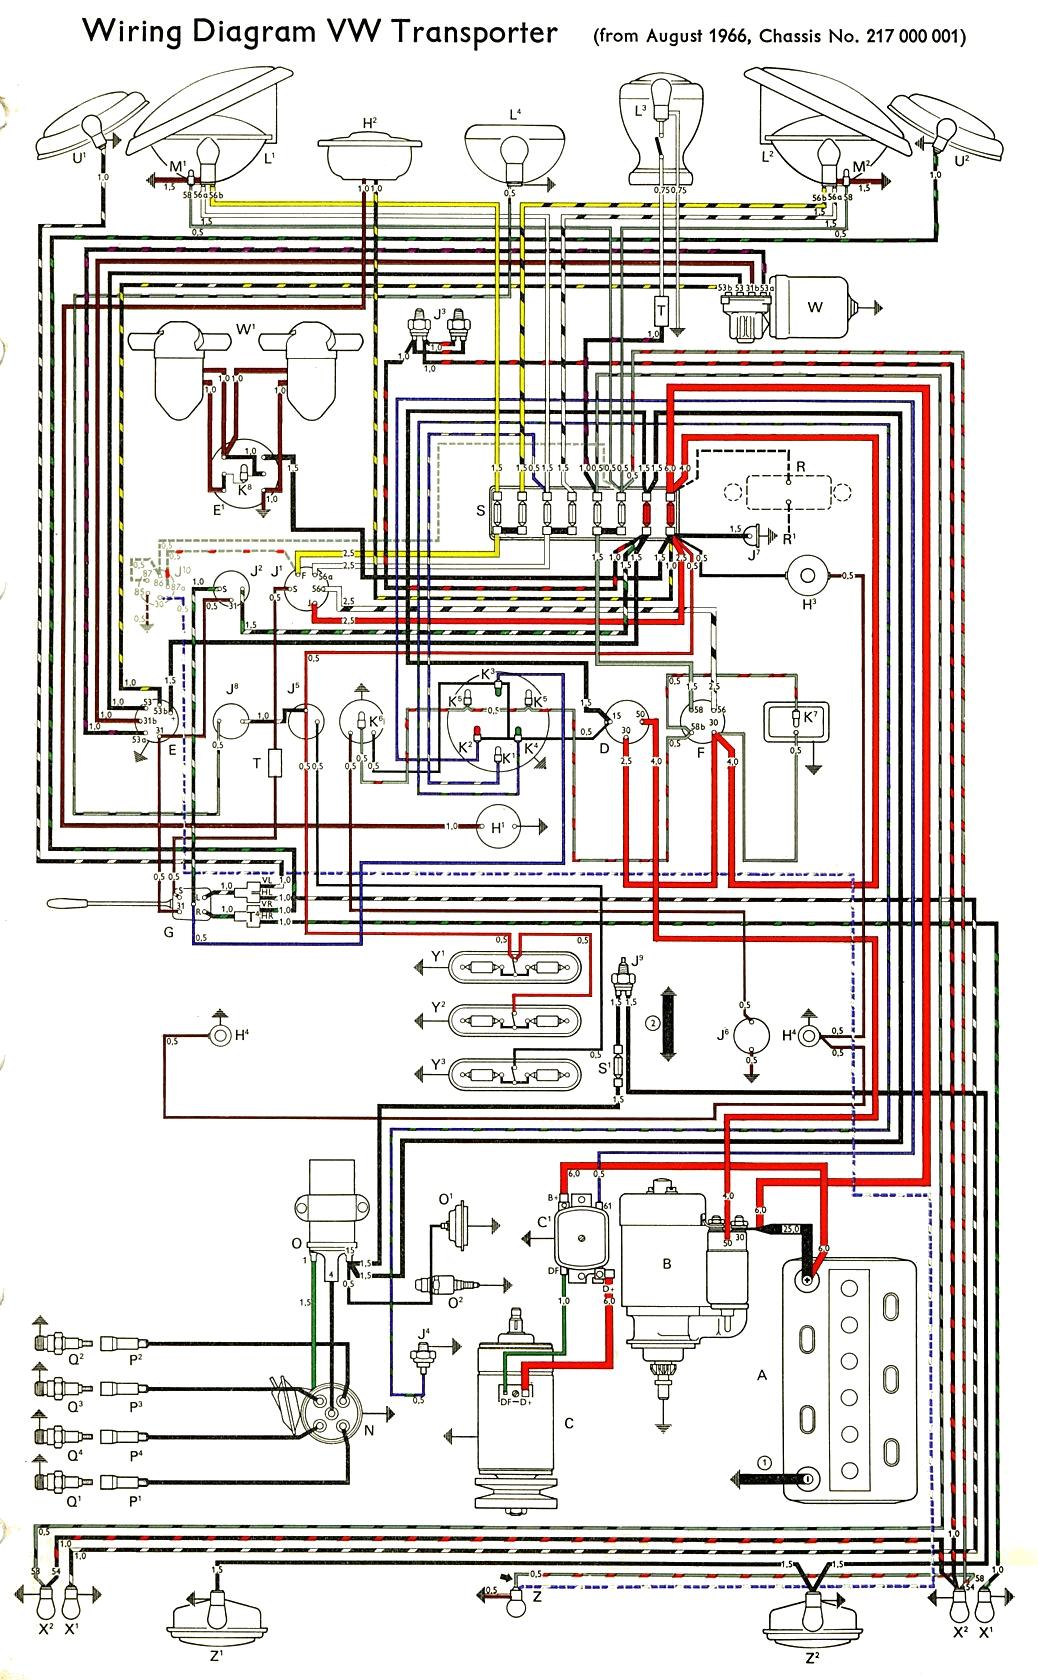 1966 vw bus wiring diagram